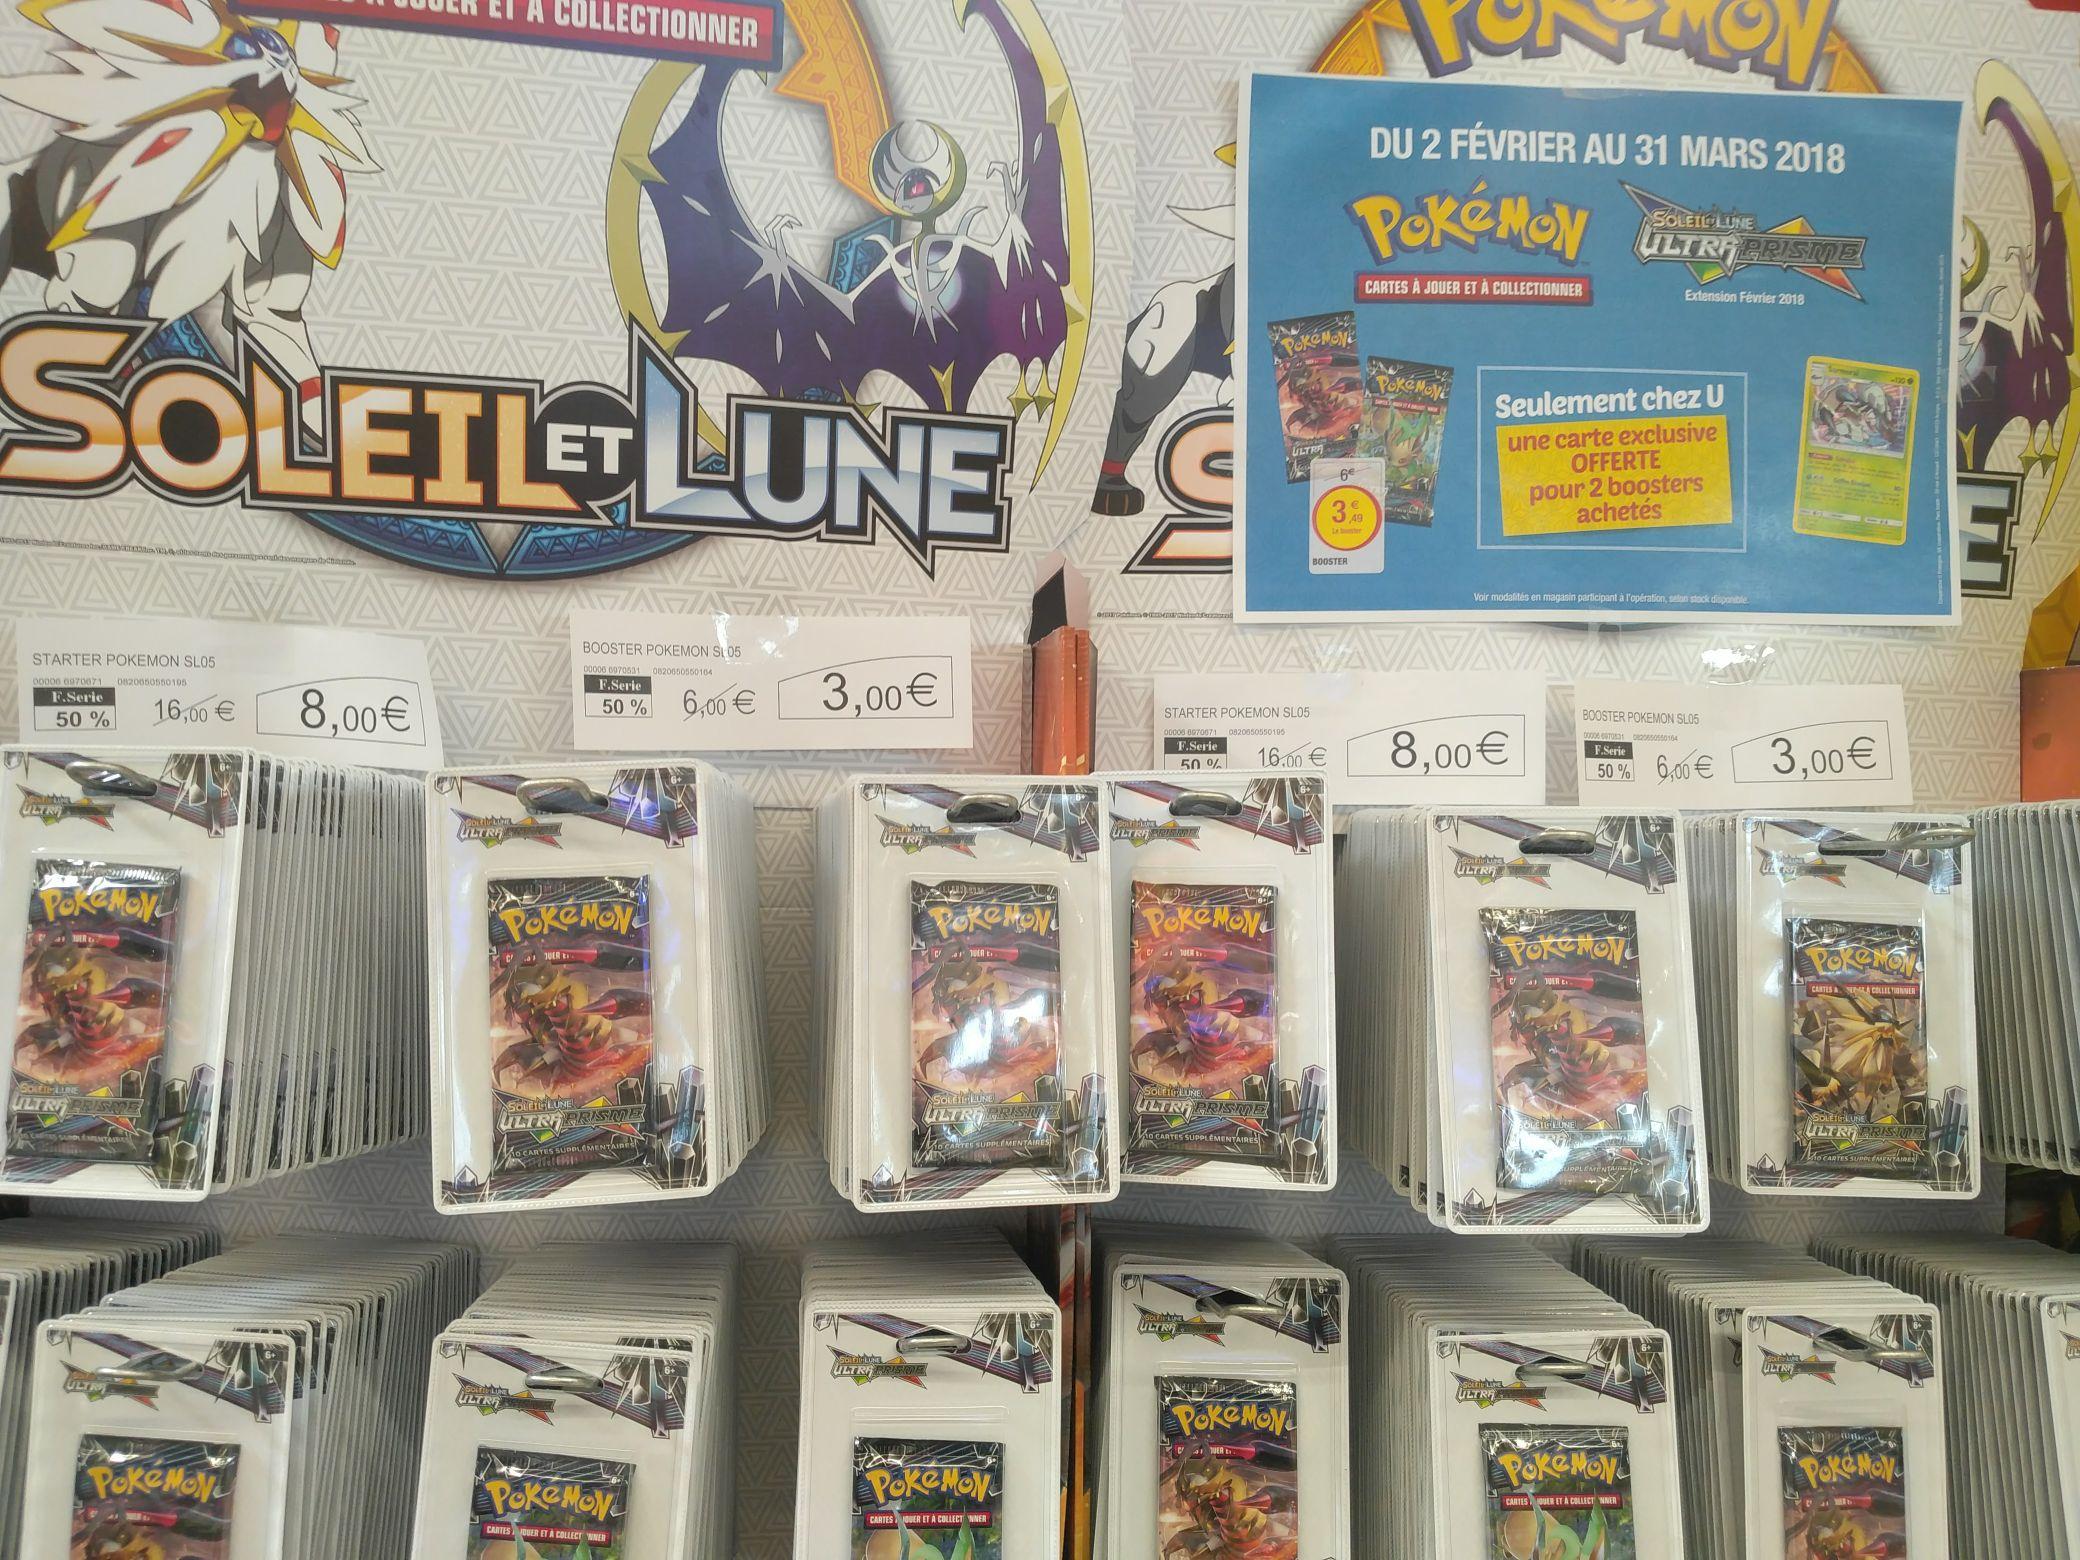 Sélection cartes Pokémon en promotion - Ex : booster SL5 3€ au lieu de 6 + 1 carte série limitée pour 2 achetés - Colombe (38)